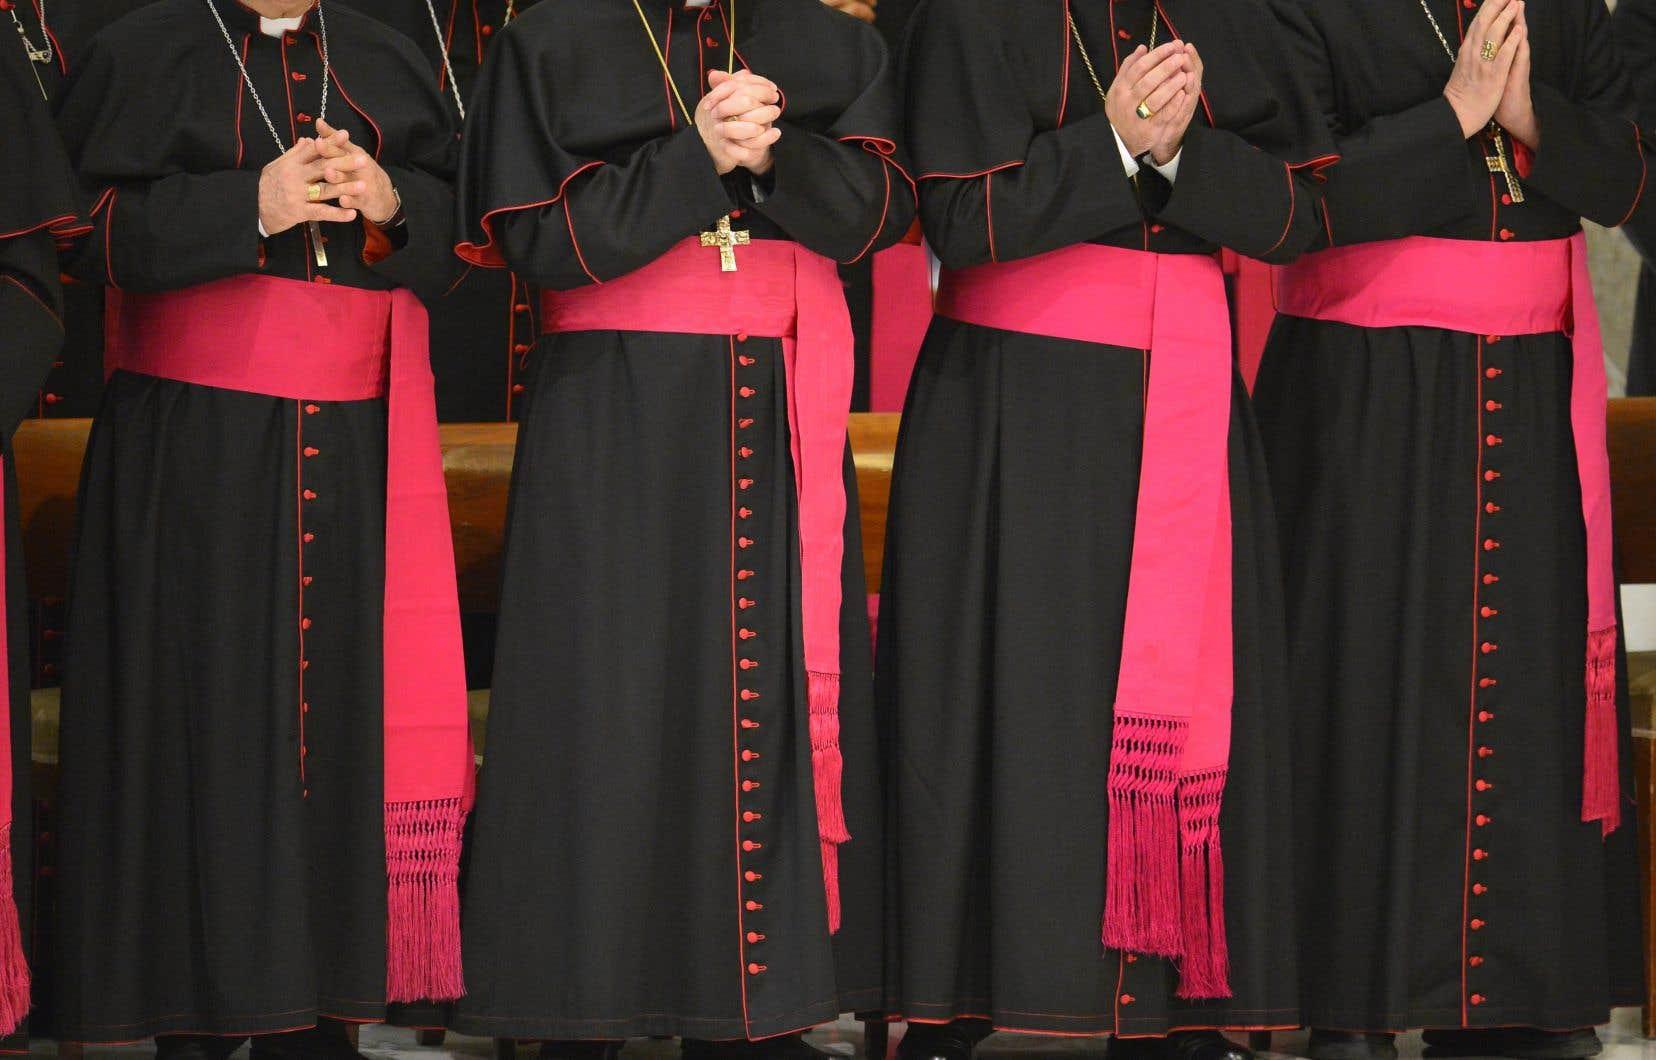 L'Église catholique est la seule Église qui conserve un dossier pour chacun de ses prêtres. Certains ont été détruits, mais d'autres sont toujours là.